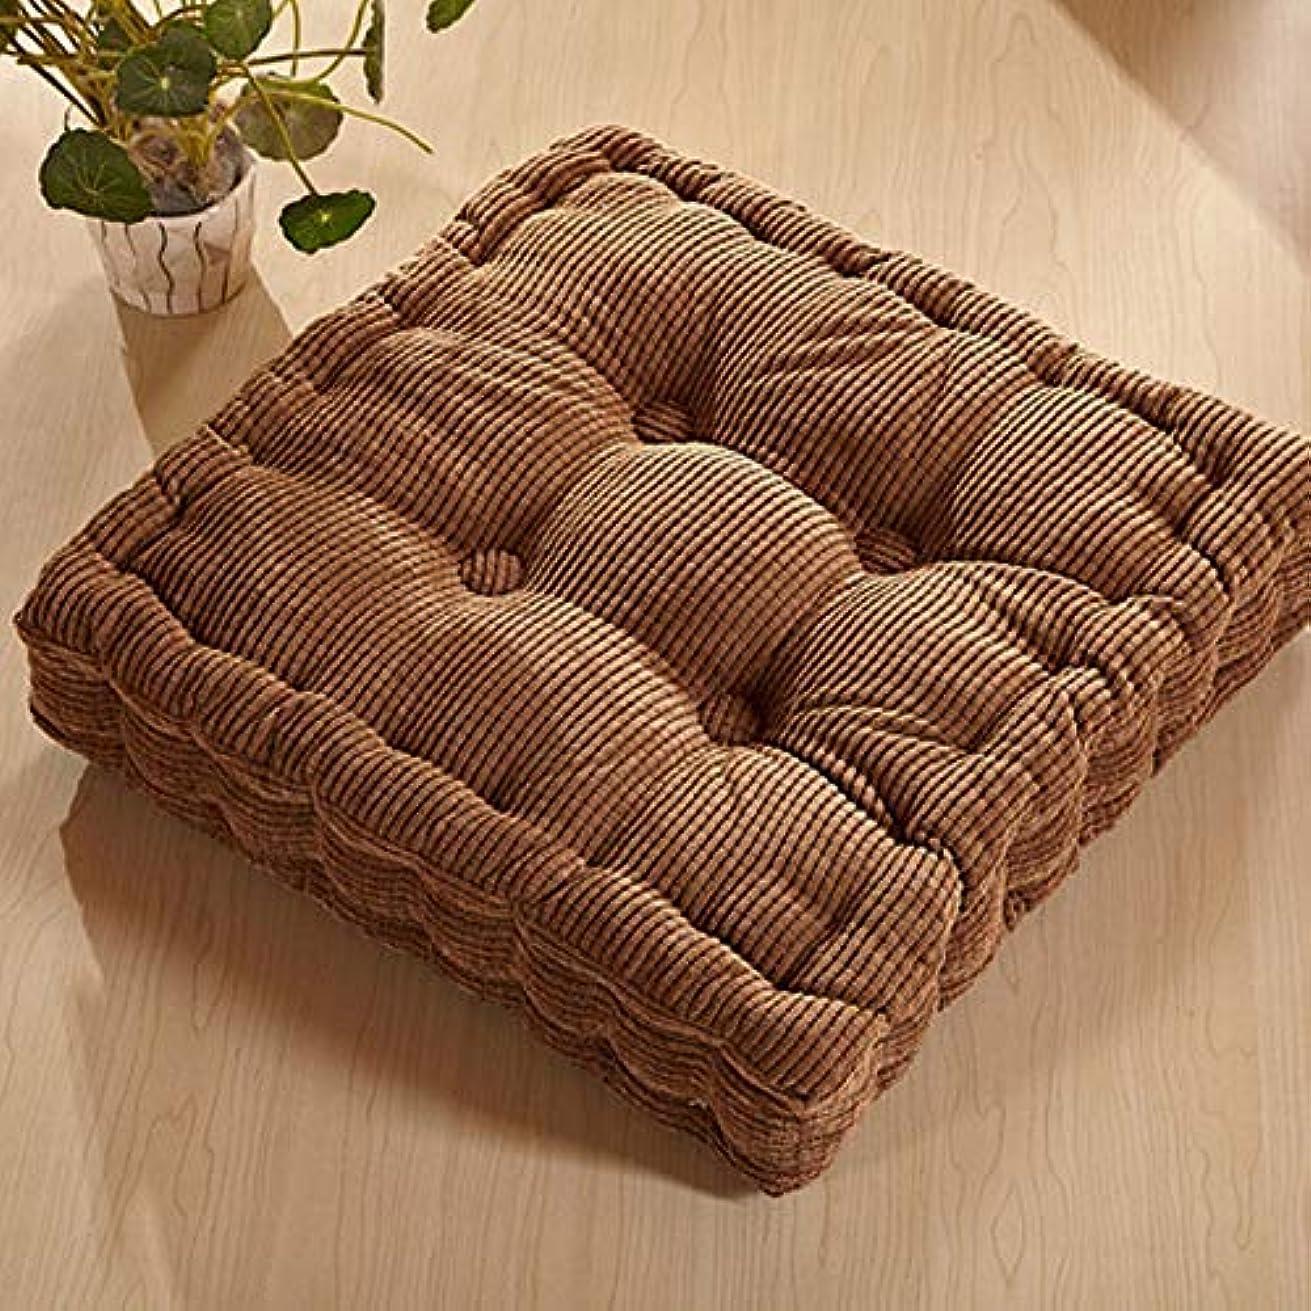 二層生き残ります杭LIFE 肥厚トウモロコシの穂軸畳クッションオフィスチェアクッションソファクッション生地チェアクッションカーシートクッション クッション 椅子